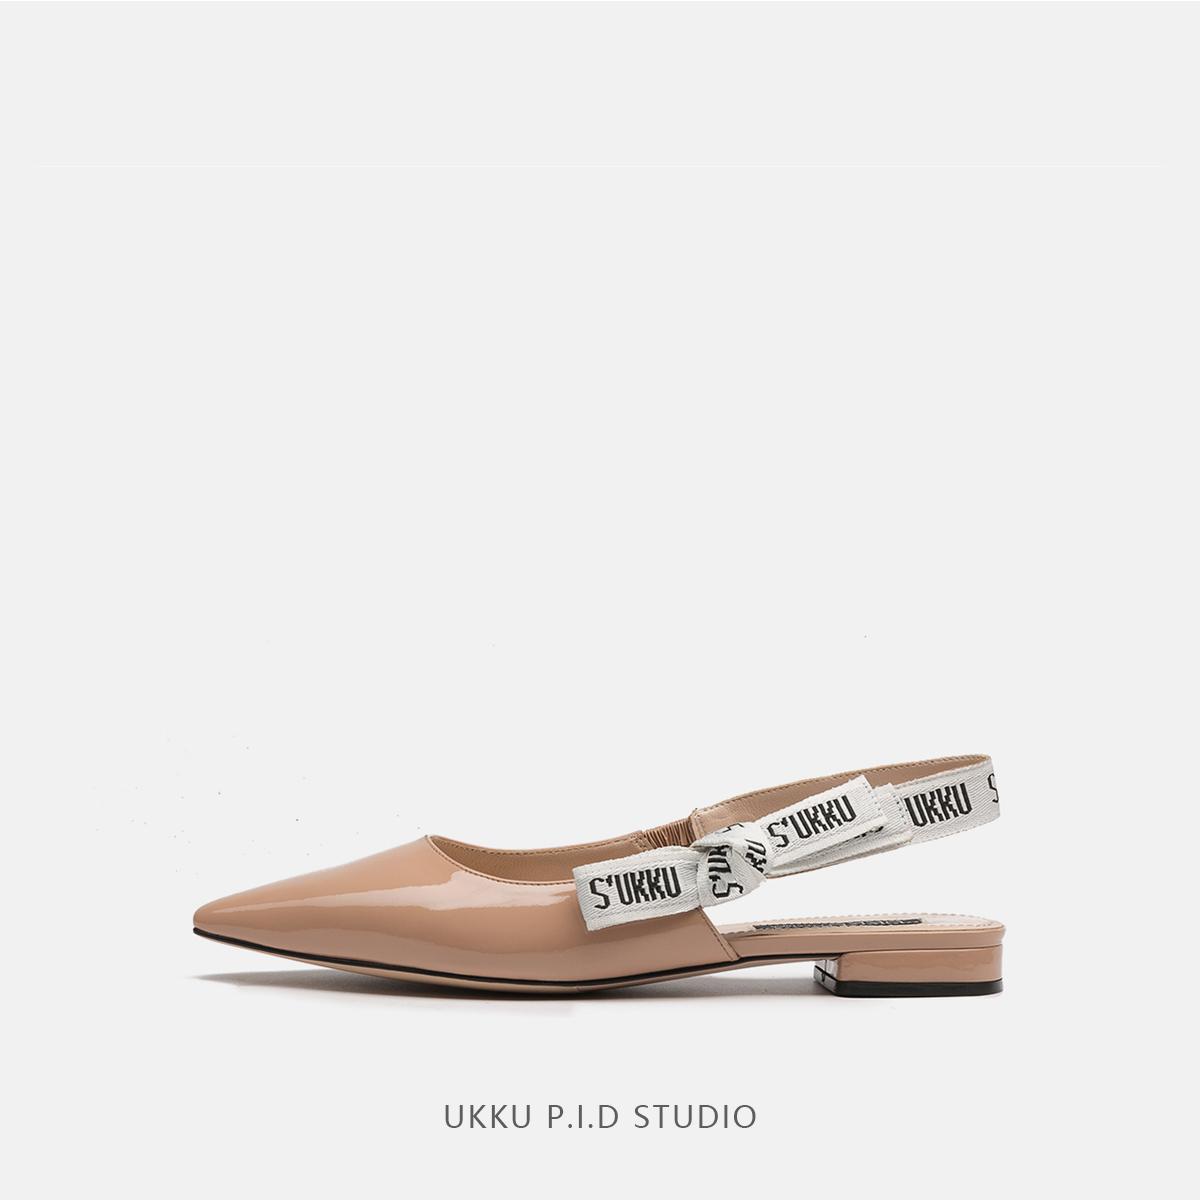 皮凉鞋 UKKU 2018夏季新款浅口百搭款舒适尖头漆皮平底平跟女凉鞋补货_推荐淘宝好看的女皮凉鞋